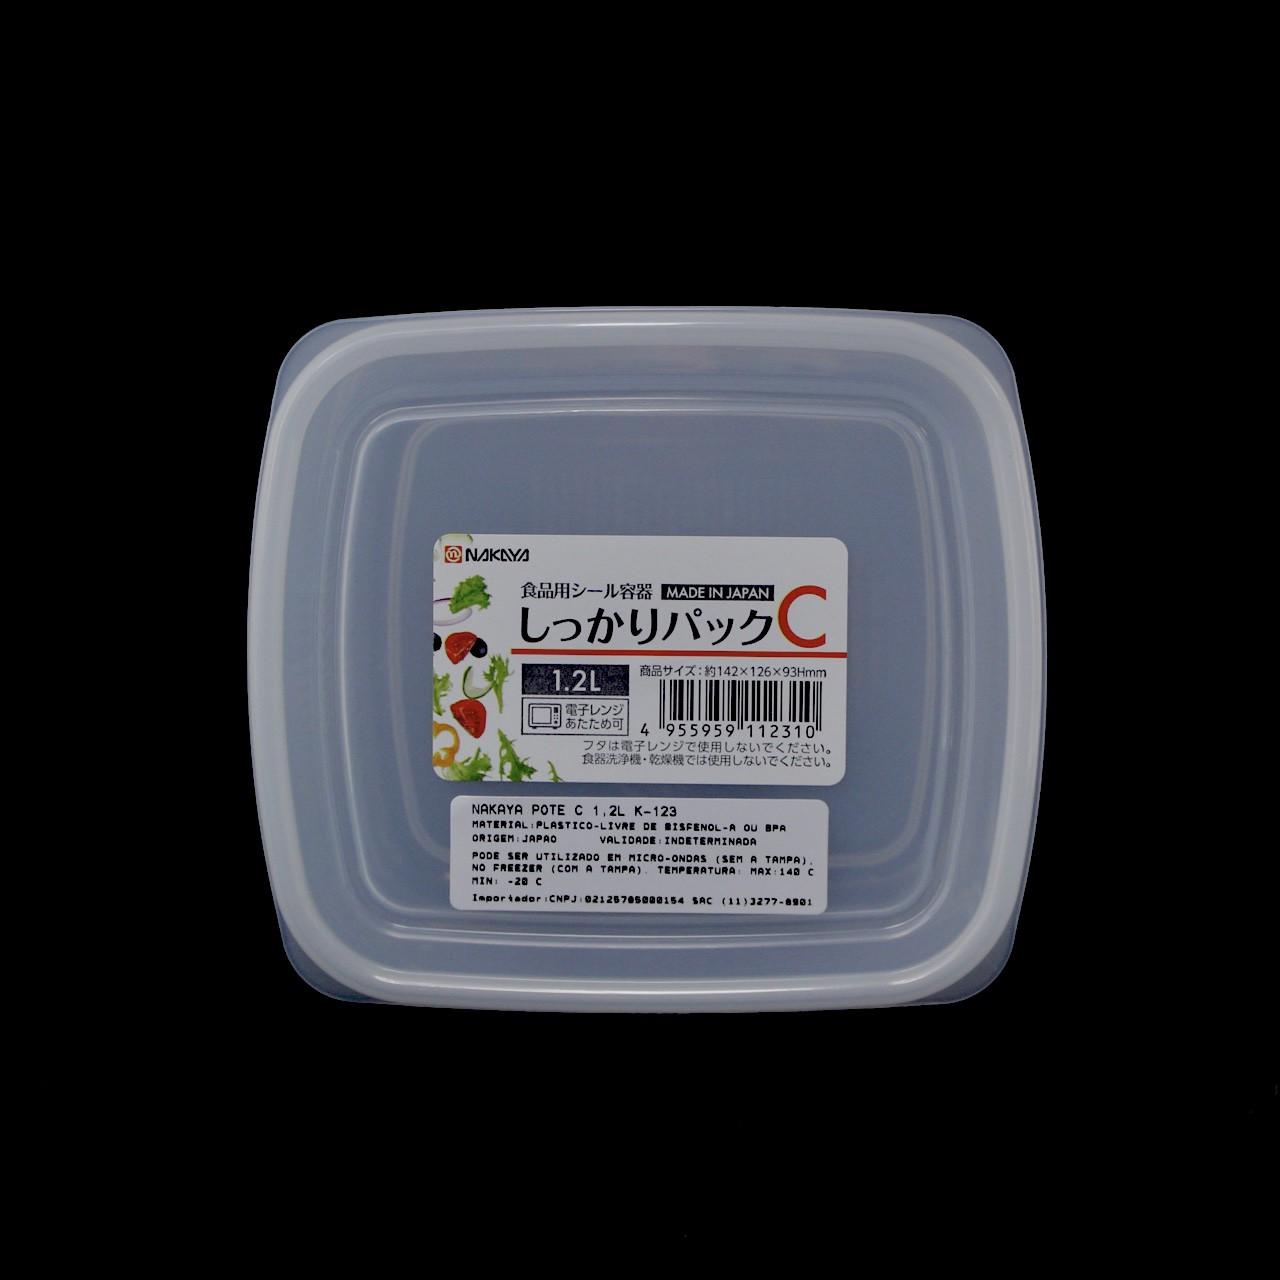 NAKAYA POTE C 1,2L K-123